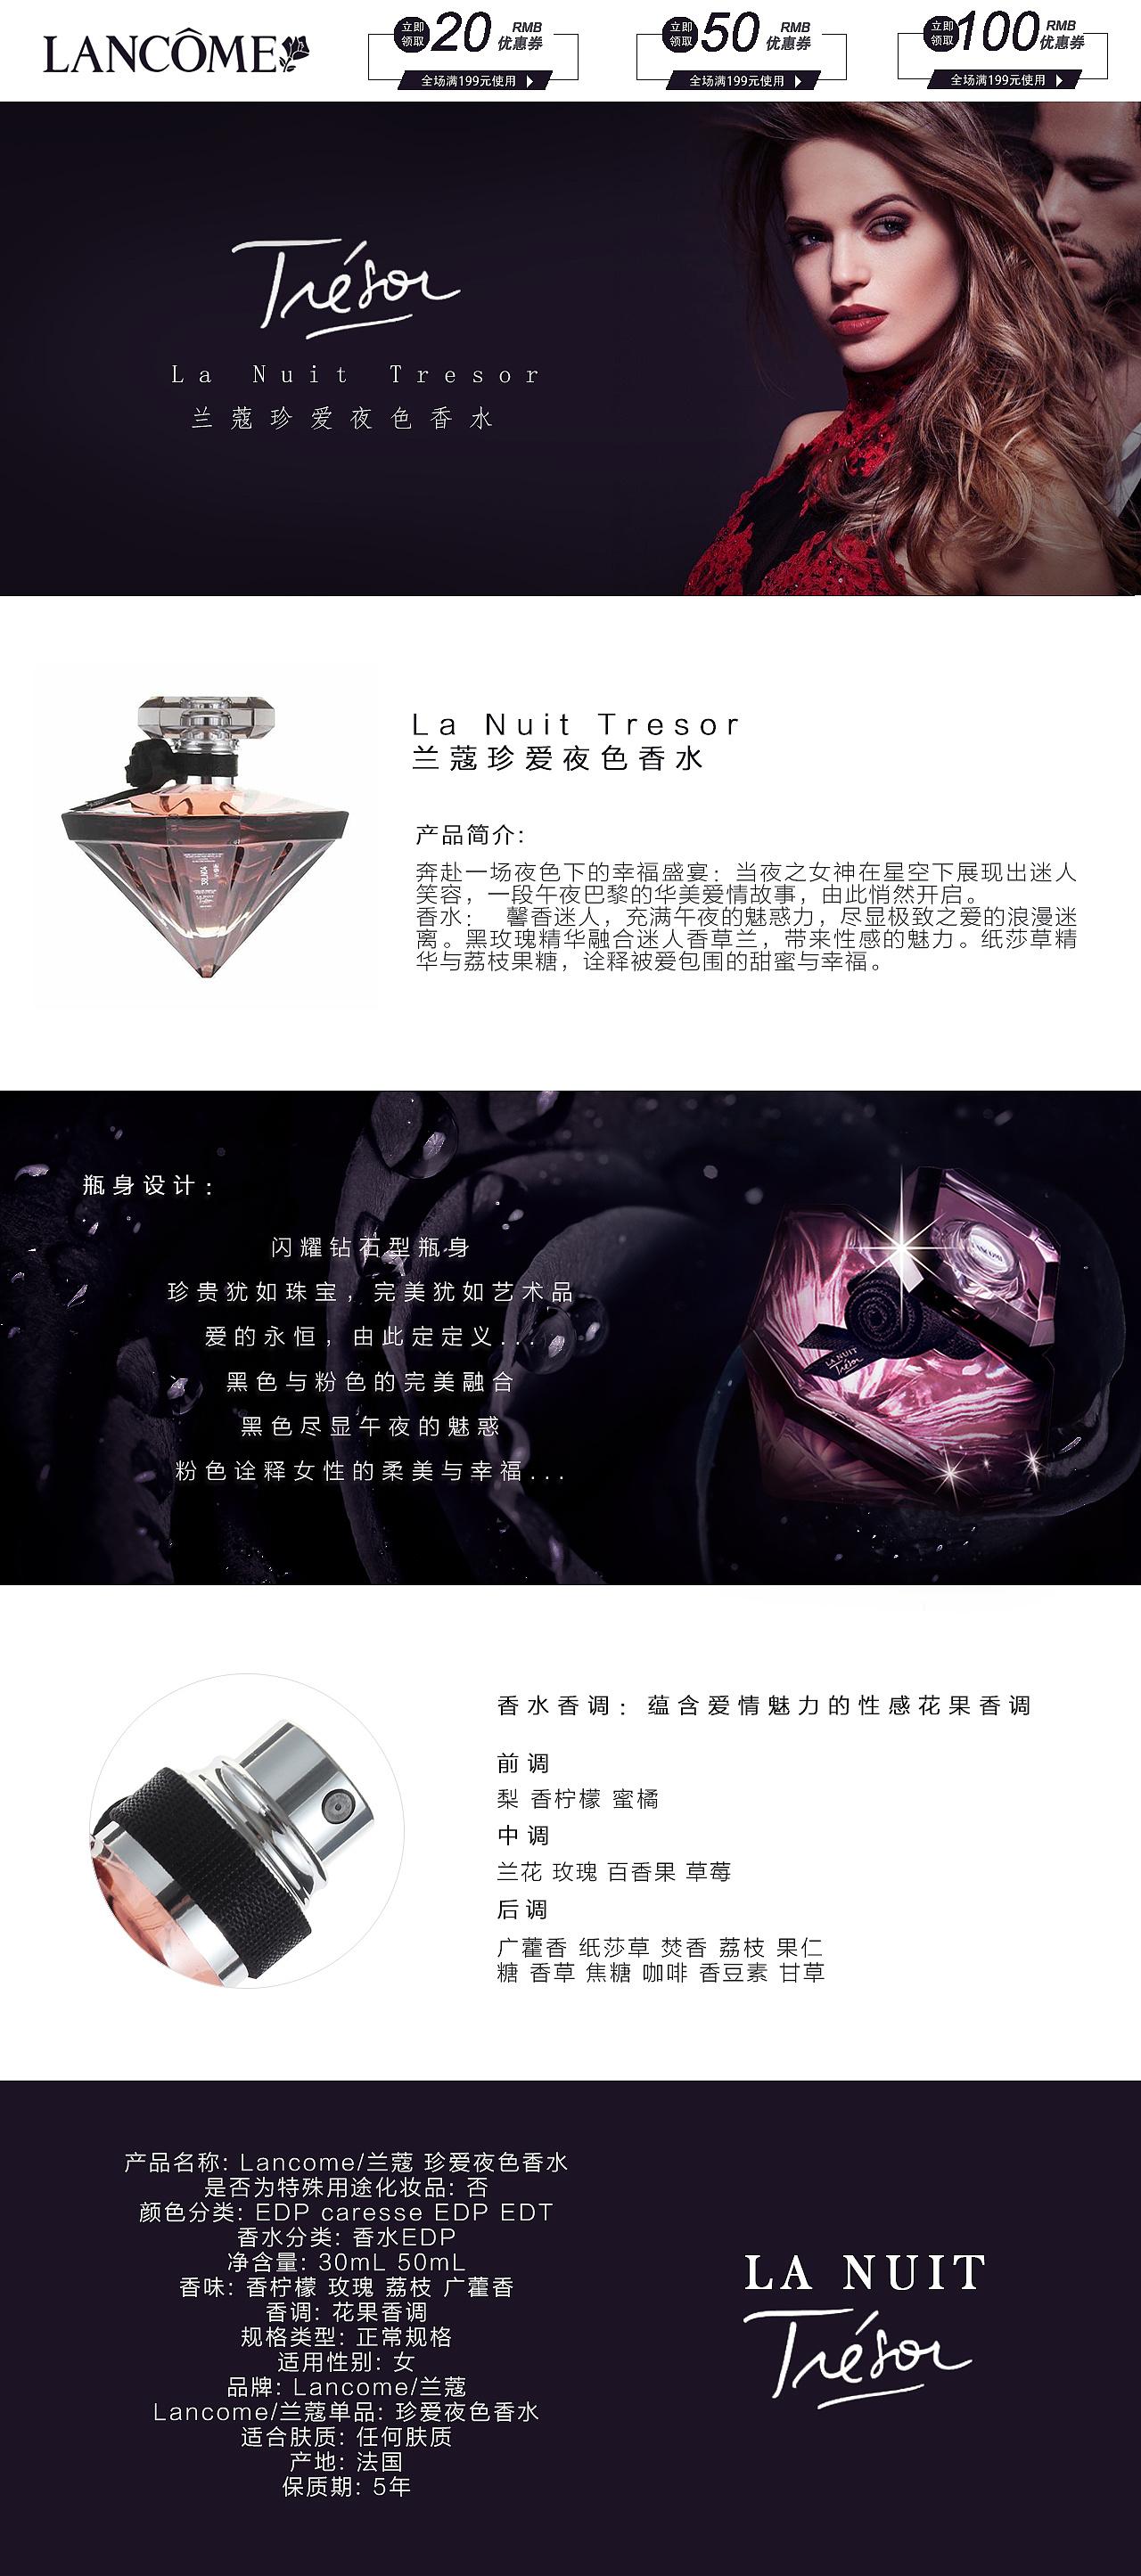 1年前 179 0 0 上海  |  ui设计师 兰蔻珍爱夜色香水详情页,初来驾到